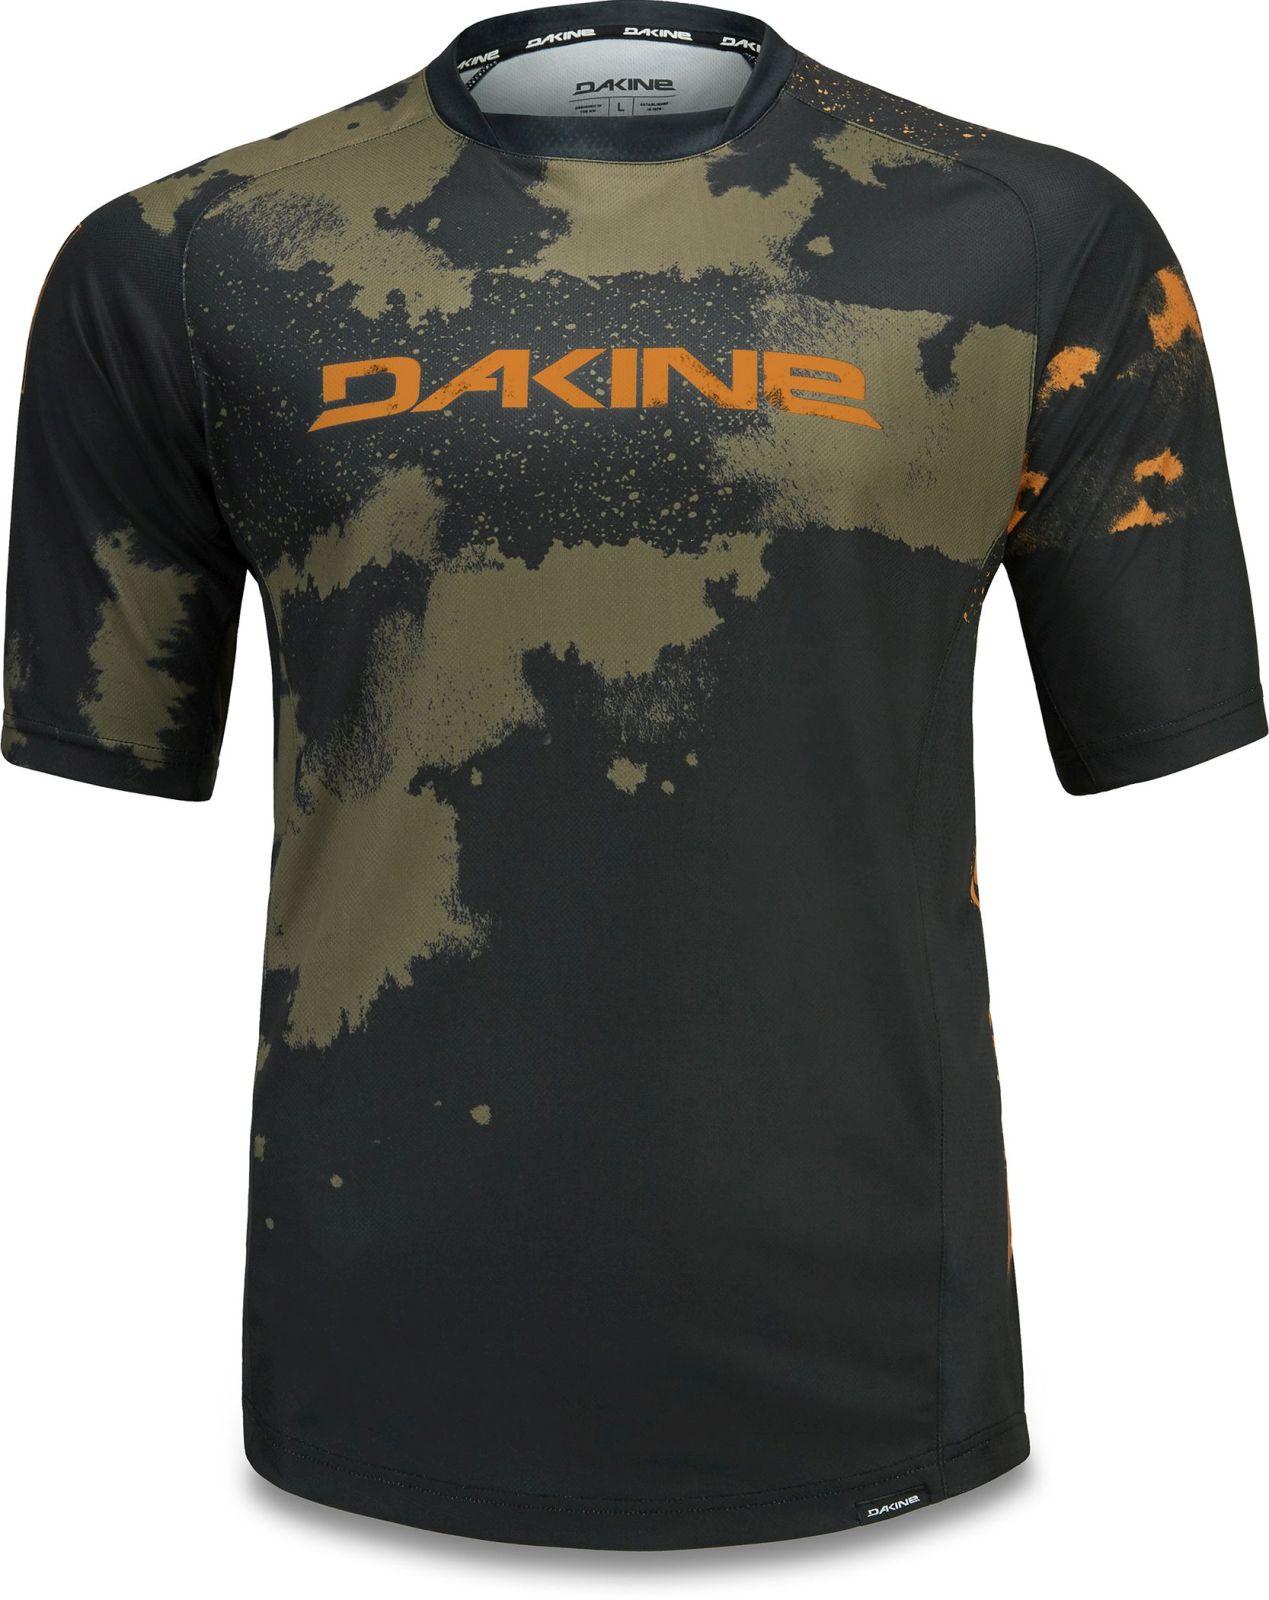 Dakine Thrillium S/S Jersey - dark olive XL